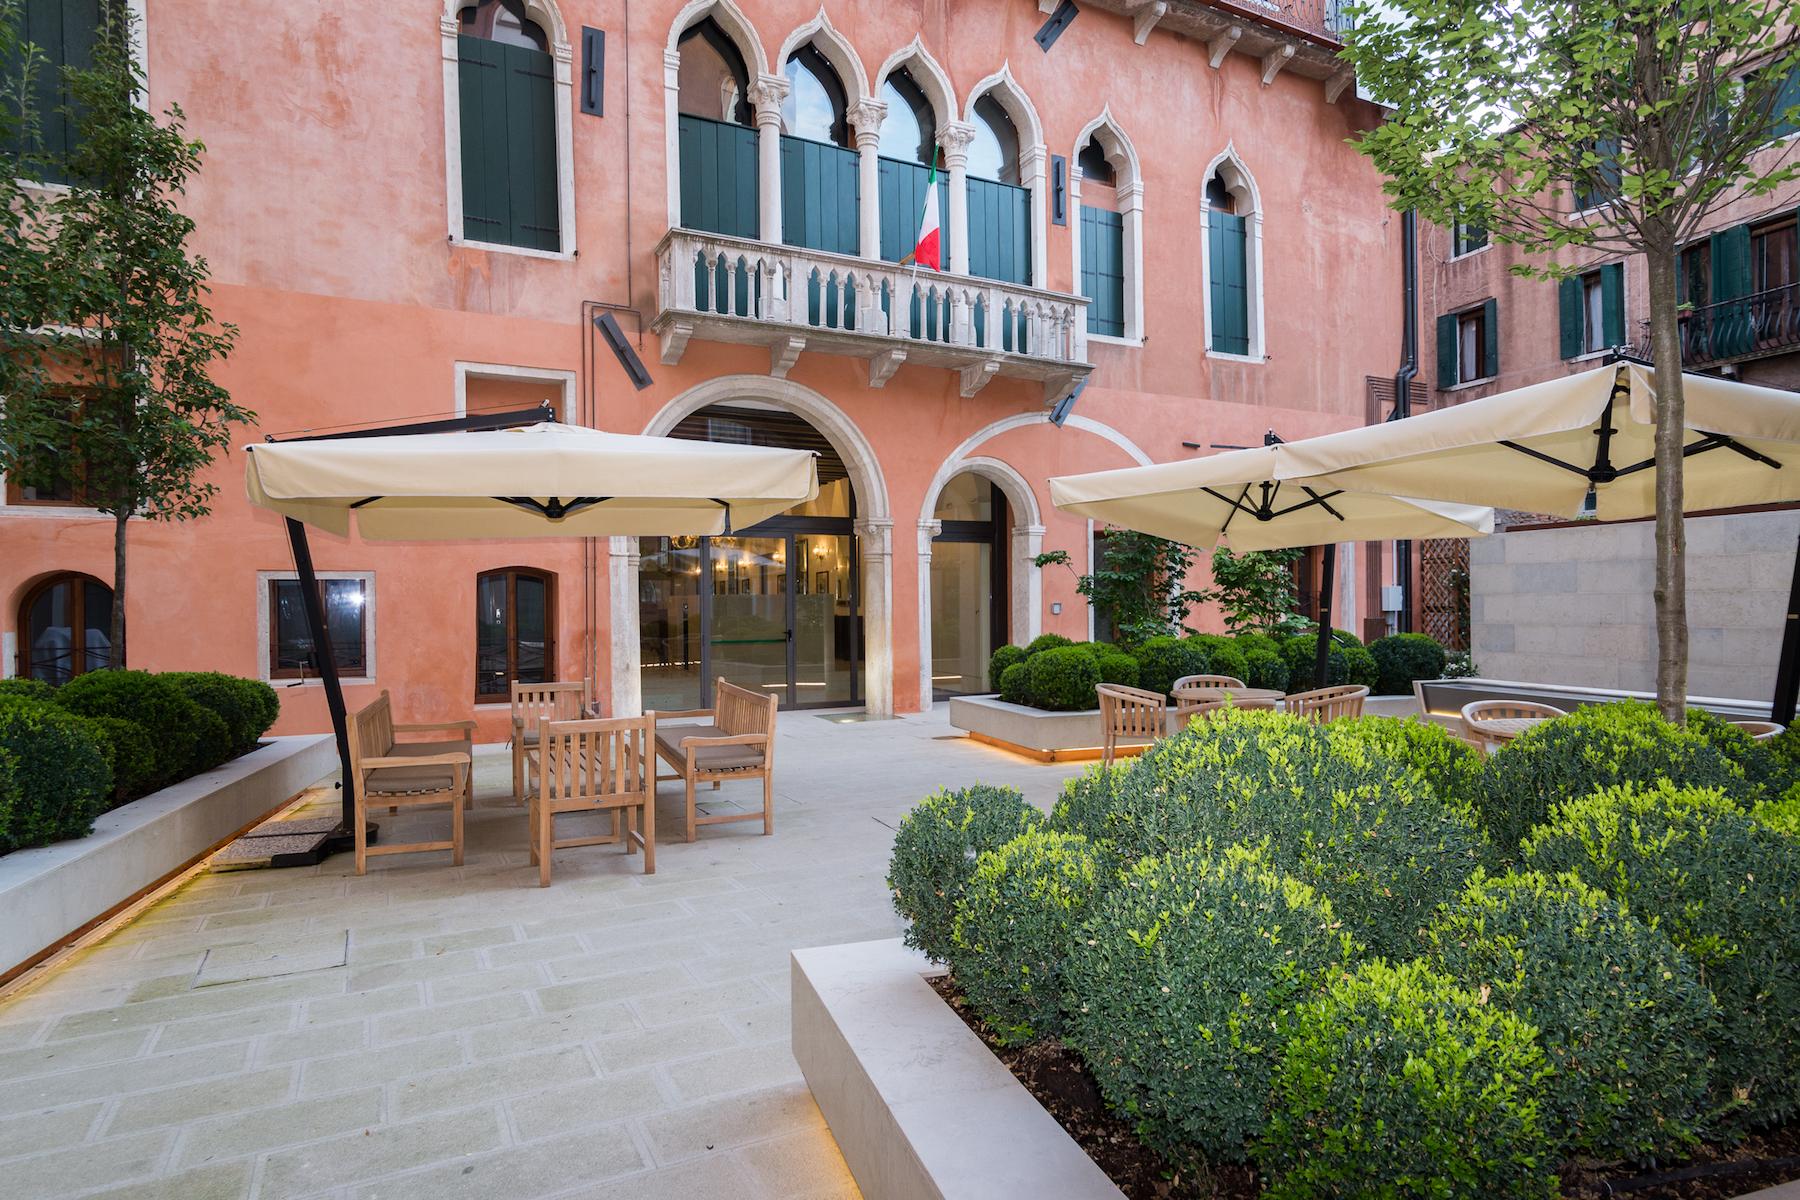 Additional photo for property listing at Massari Palazzo Molin del Cuoridoro San Marco Venice, Venice Italy